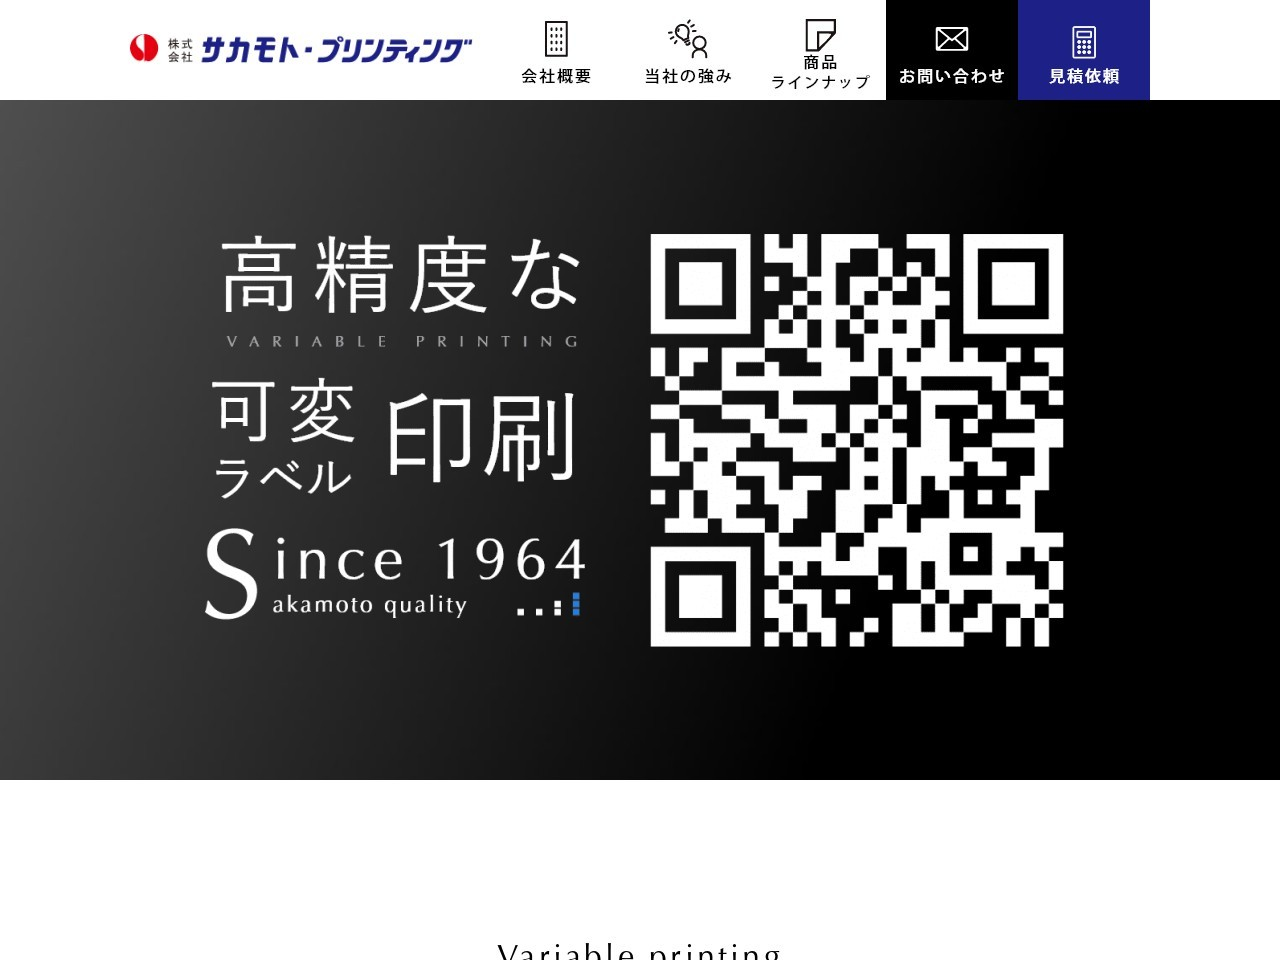 バーコードラベル・可変ラベル印刷の(株)サカモトプリンティング